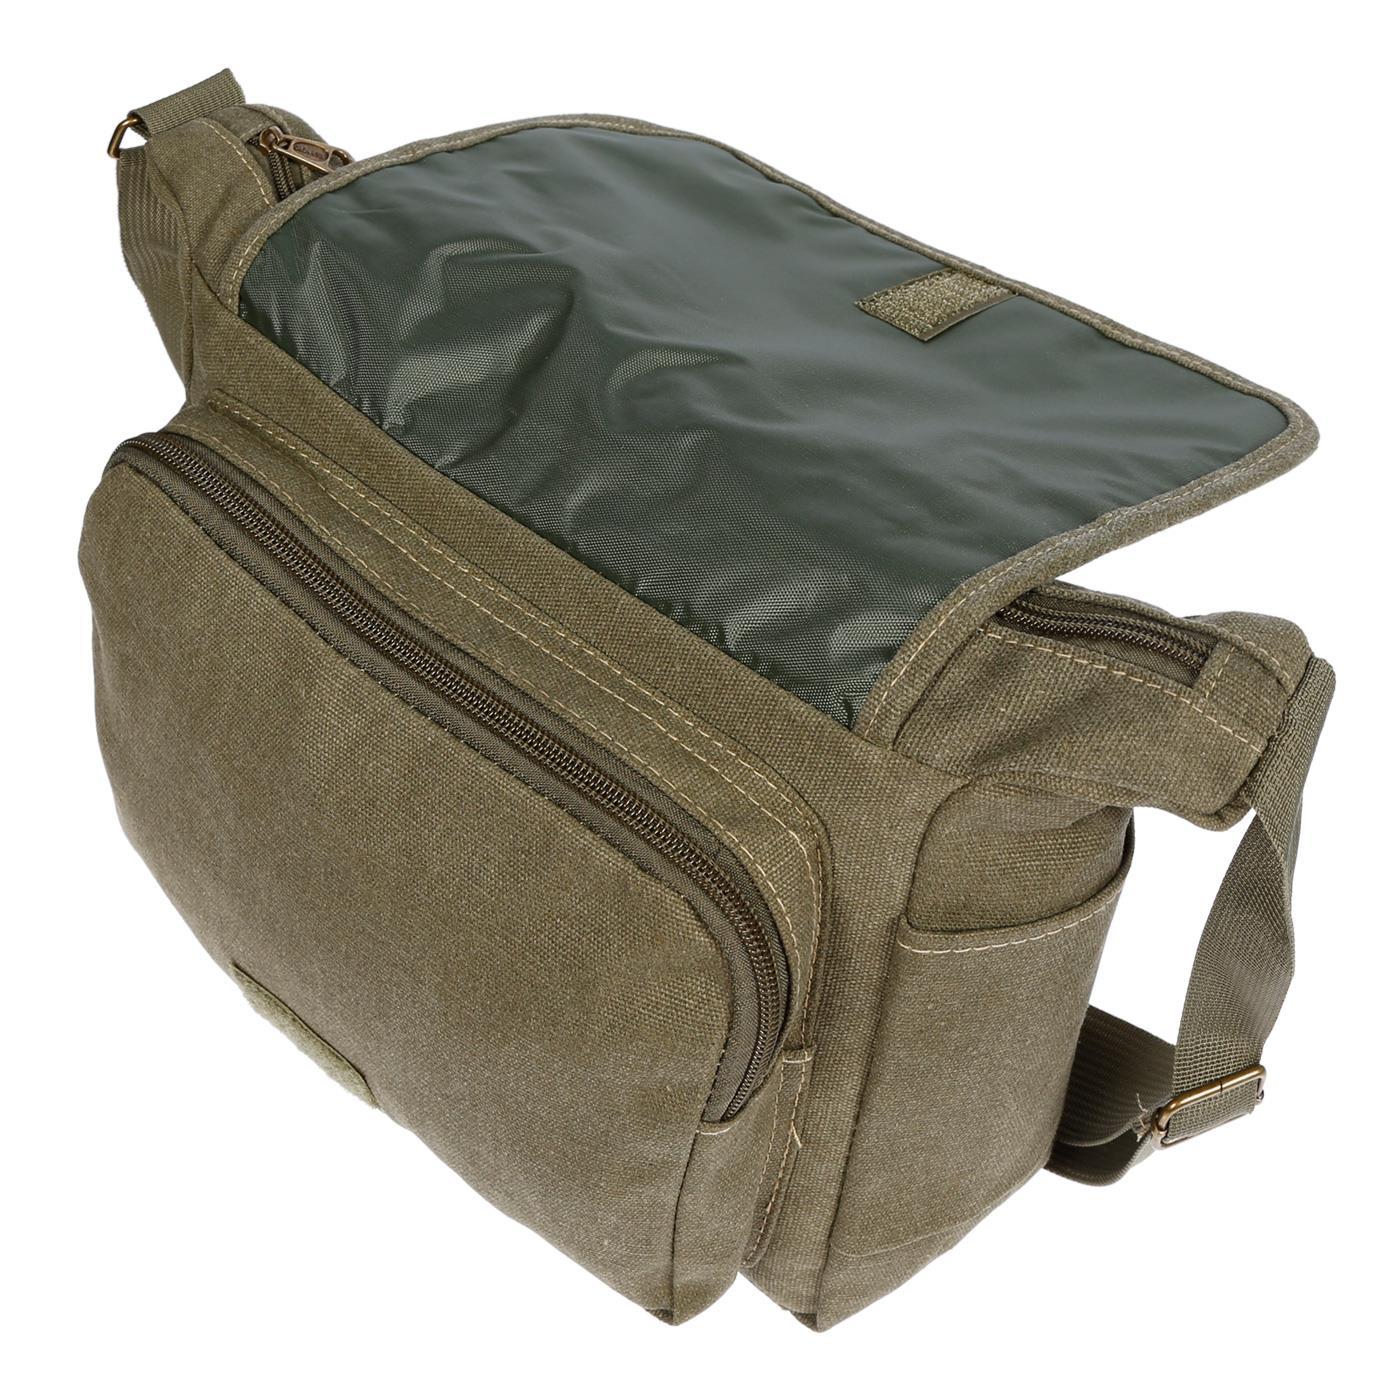 Damen-Tasche-Canvas-Umhaengetasche-Schultertasche-Crossover-Bag-Damenhandtasche Indexbild 41